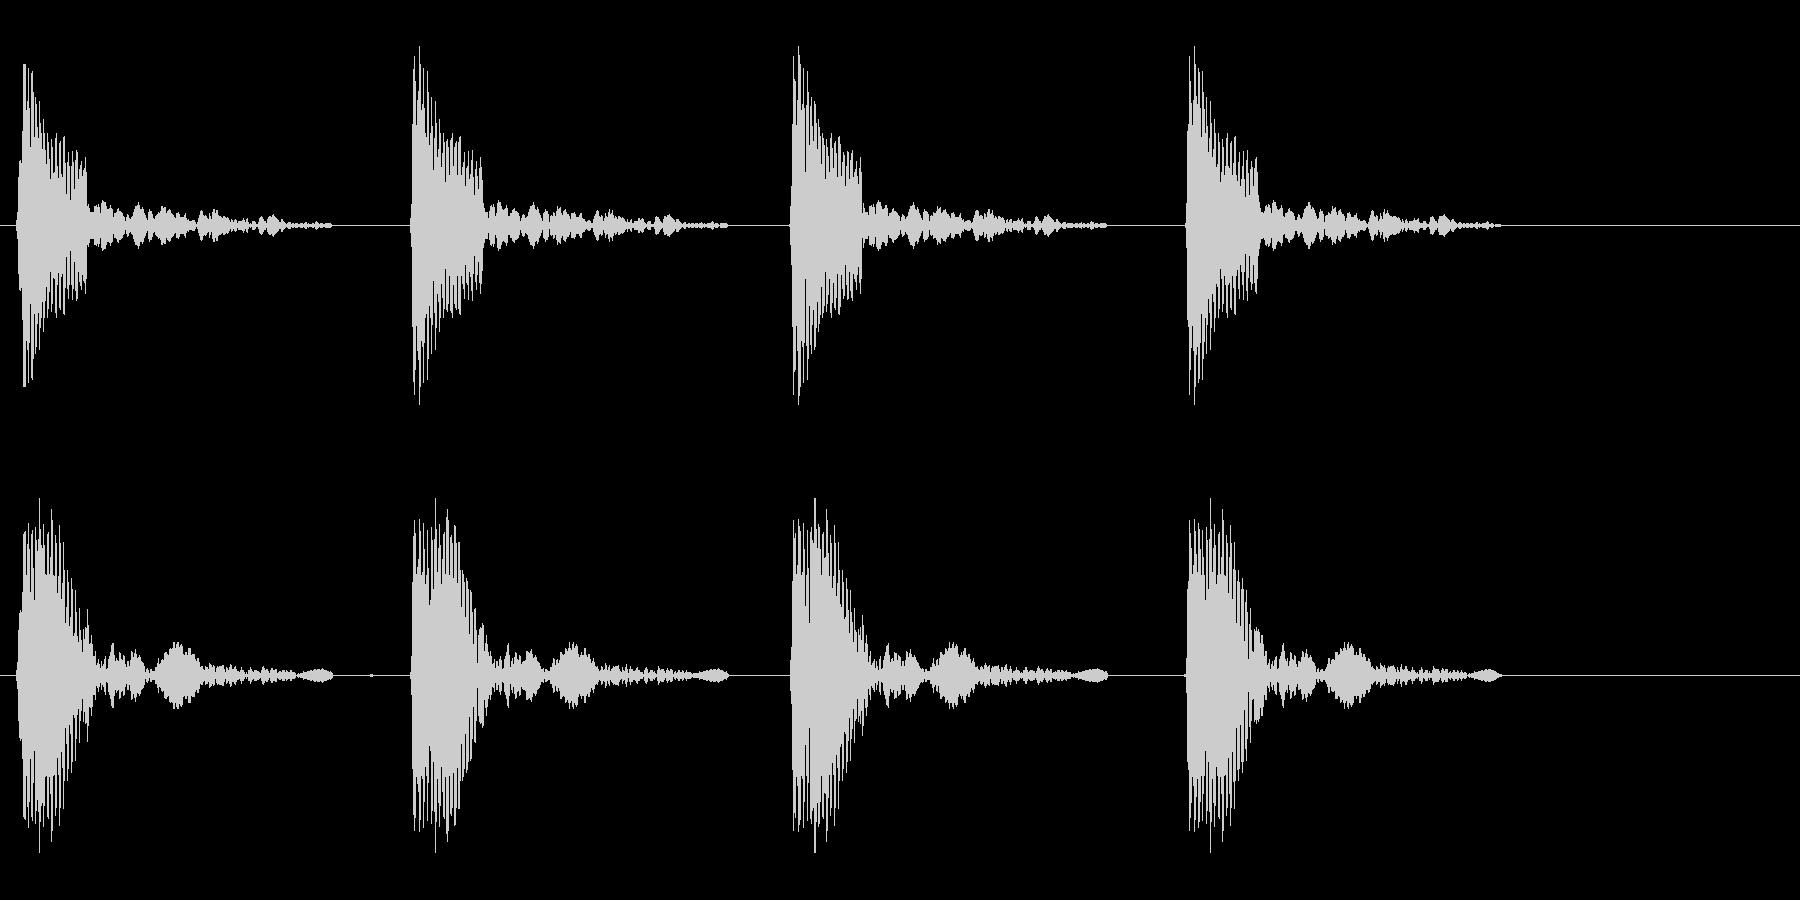 コッコッコッコッという鳴き声の未再生の波形